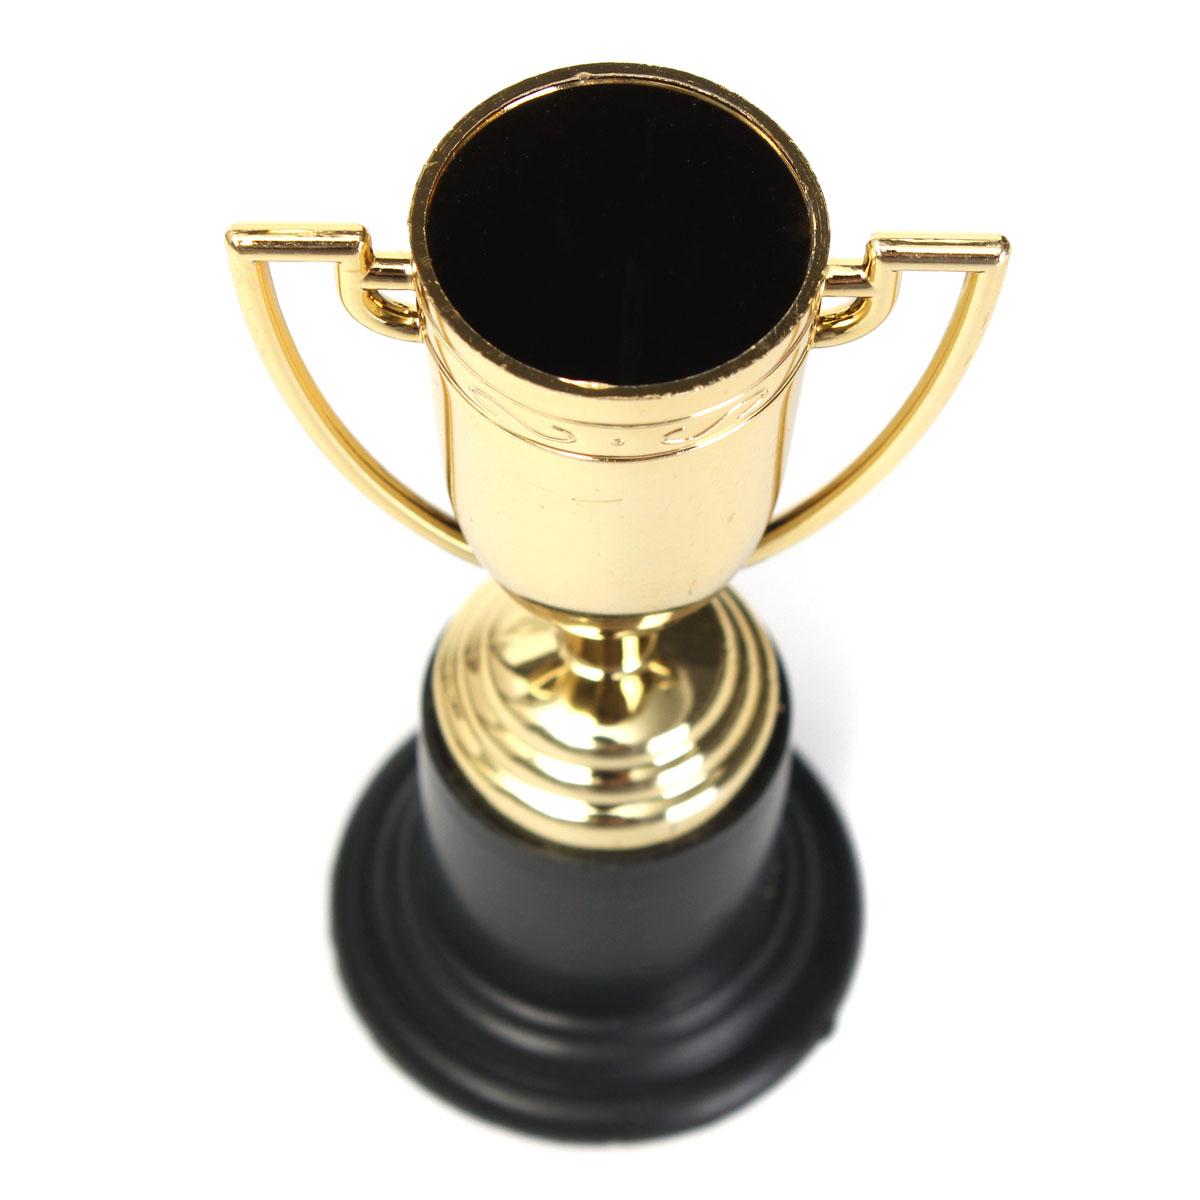 Çocuklar için kupalar nasıl seçilir